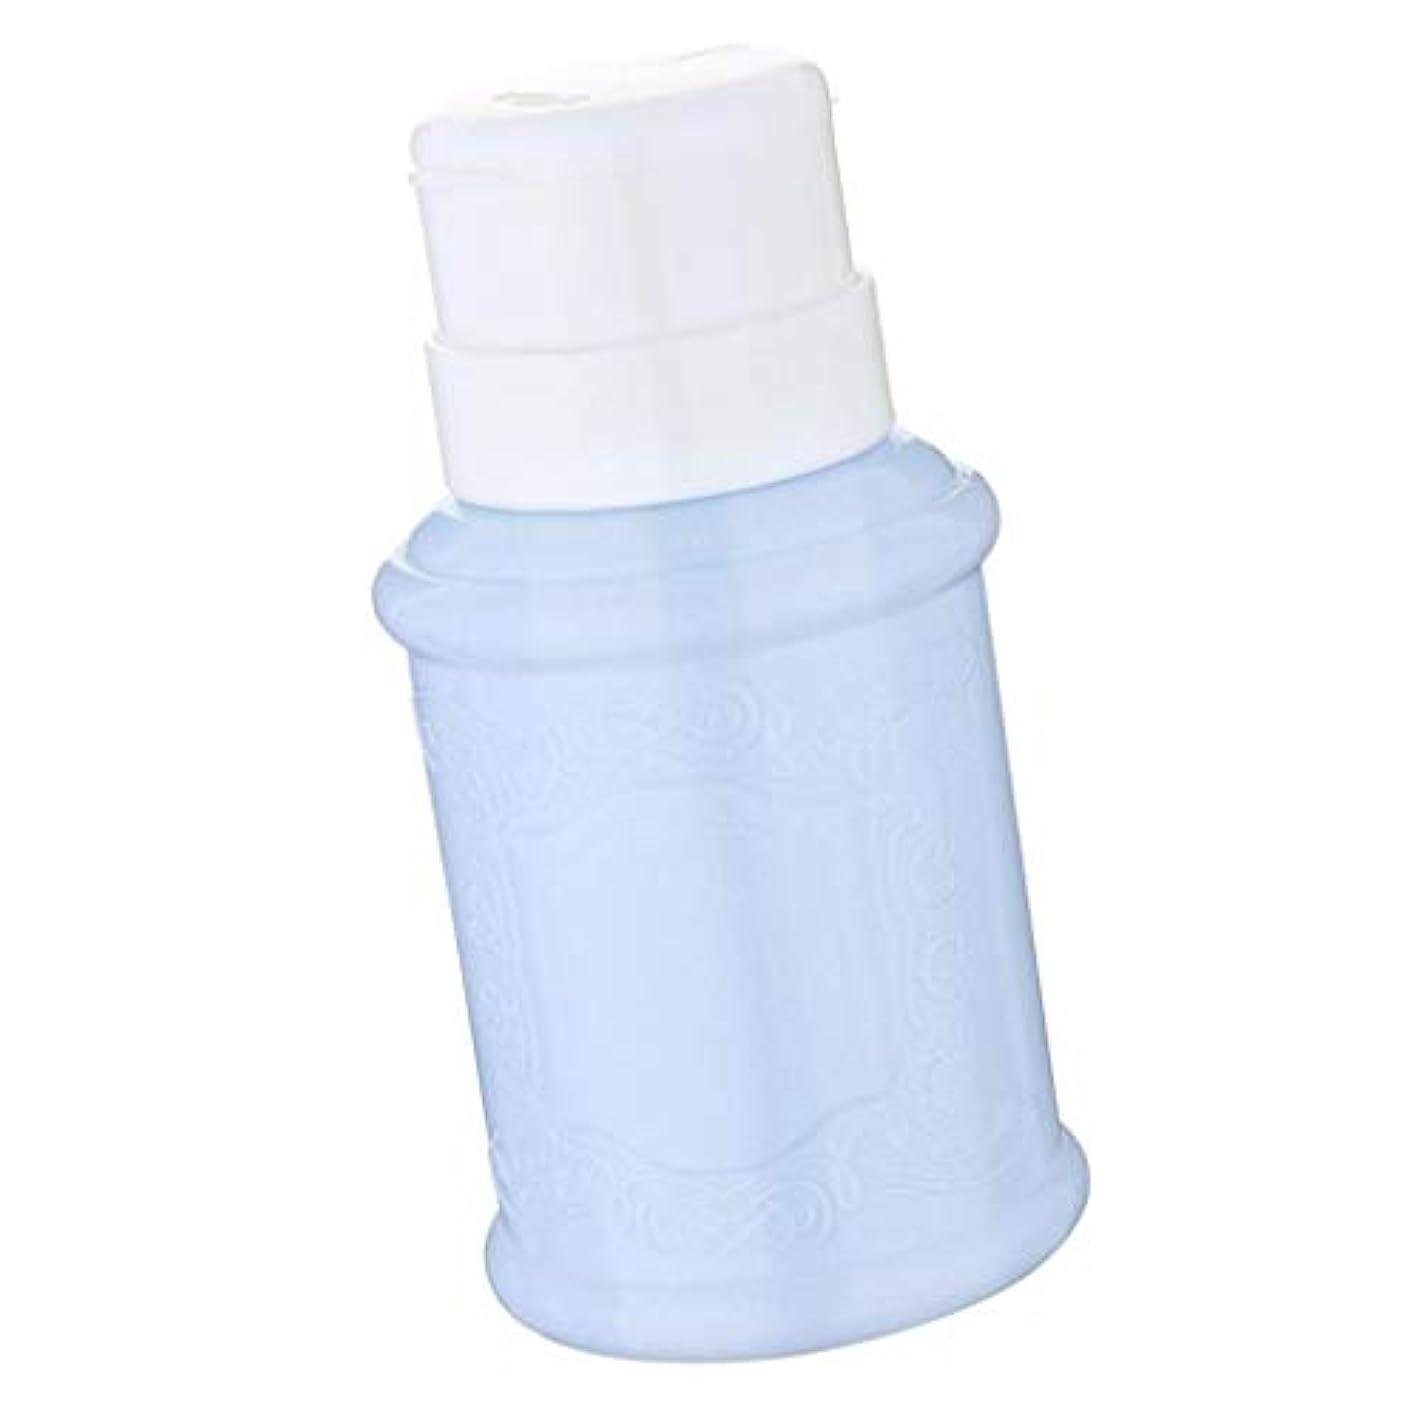 公使館宿る液化するToygogo 空のマニキュアリムーバーポンプディスペンサーアセトンプッシュダウンプレスボトル - 青